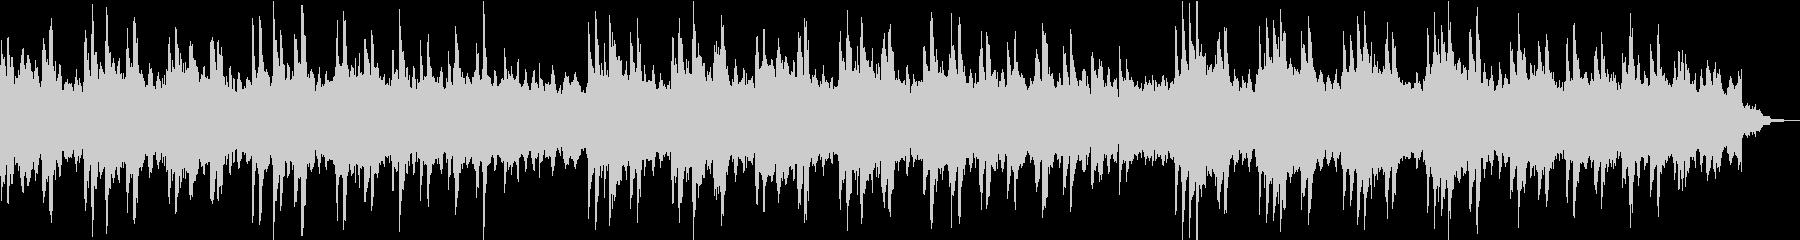 シンプルなピアノのメロディーとシン...の未再生の波形